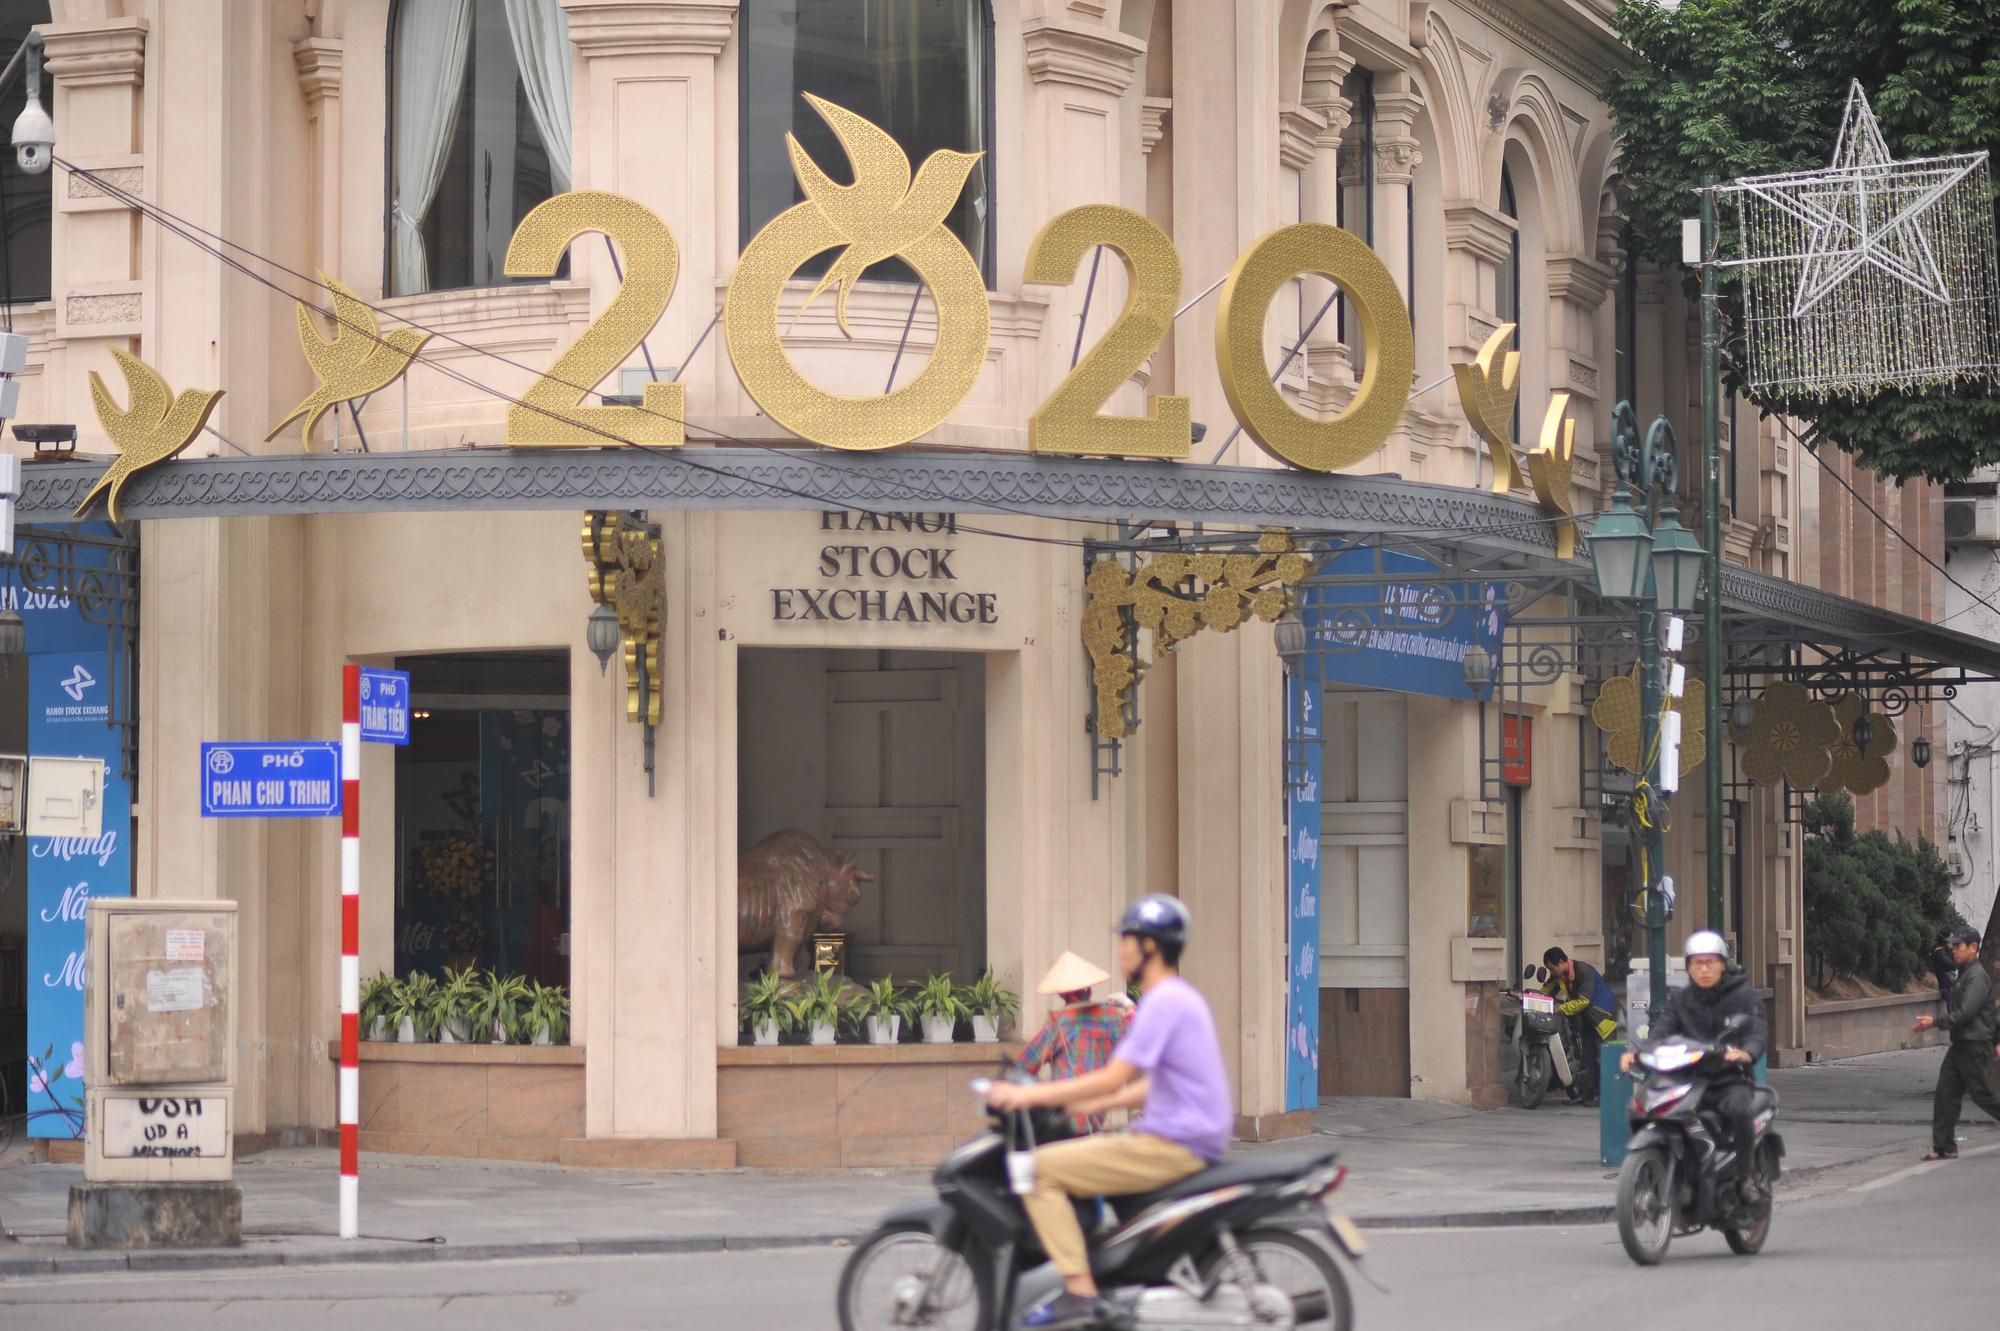 Hai yếu tố được thị trường chứng khoán trông đợi năm 2020 - Ảnh 1.